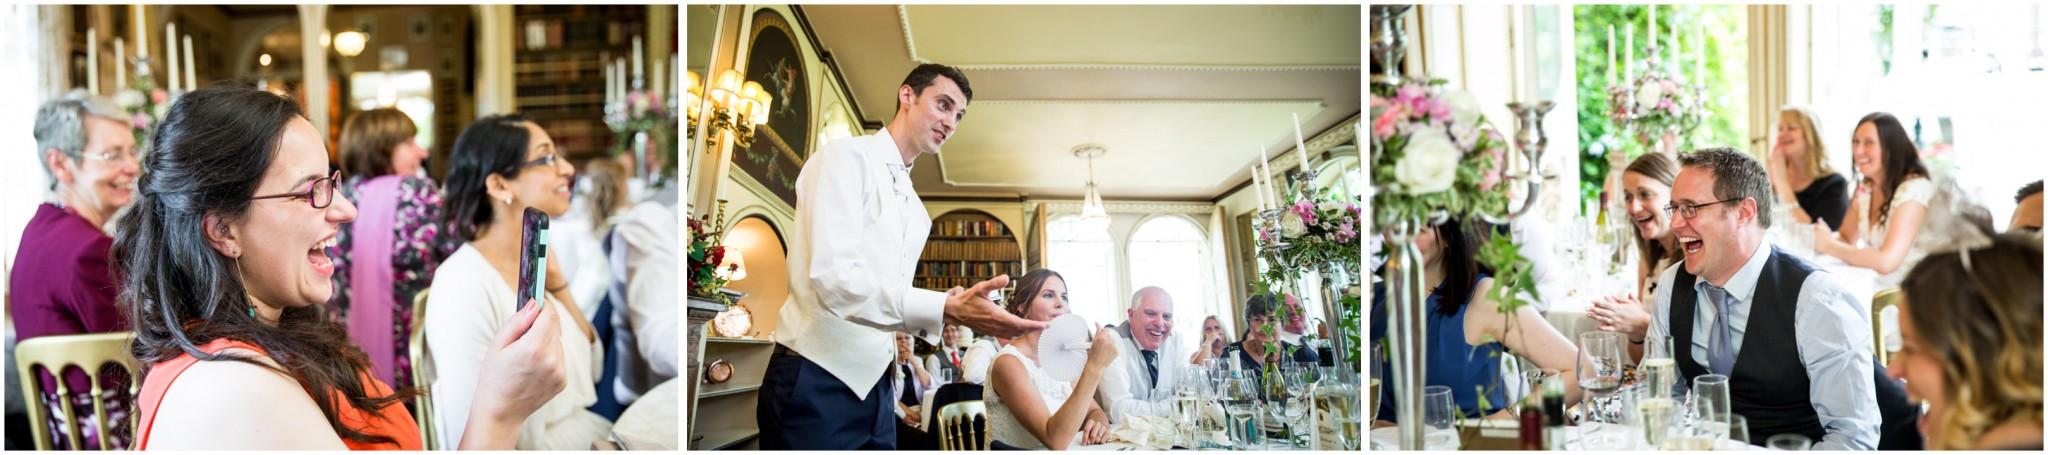 Avington Park Wedding Guest Reacting to Speech